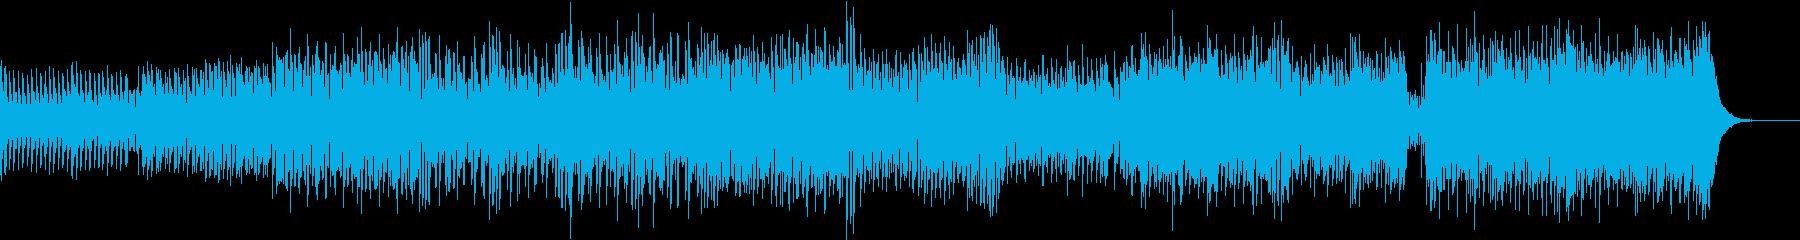 近未来的 カラフルな演出に最適なテクノの再生済みの波形